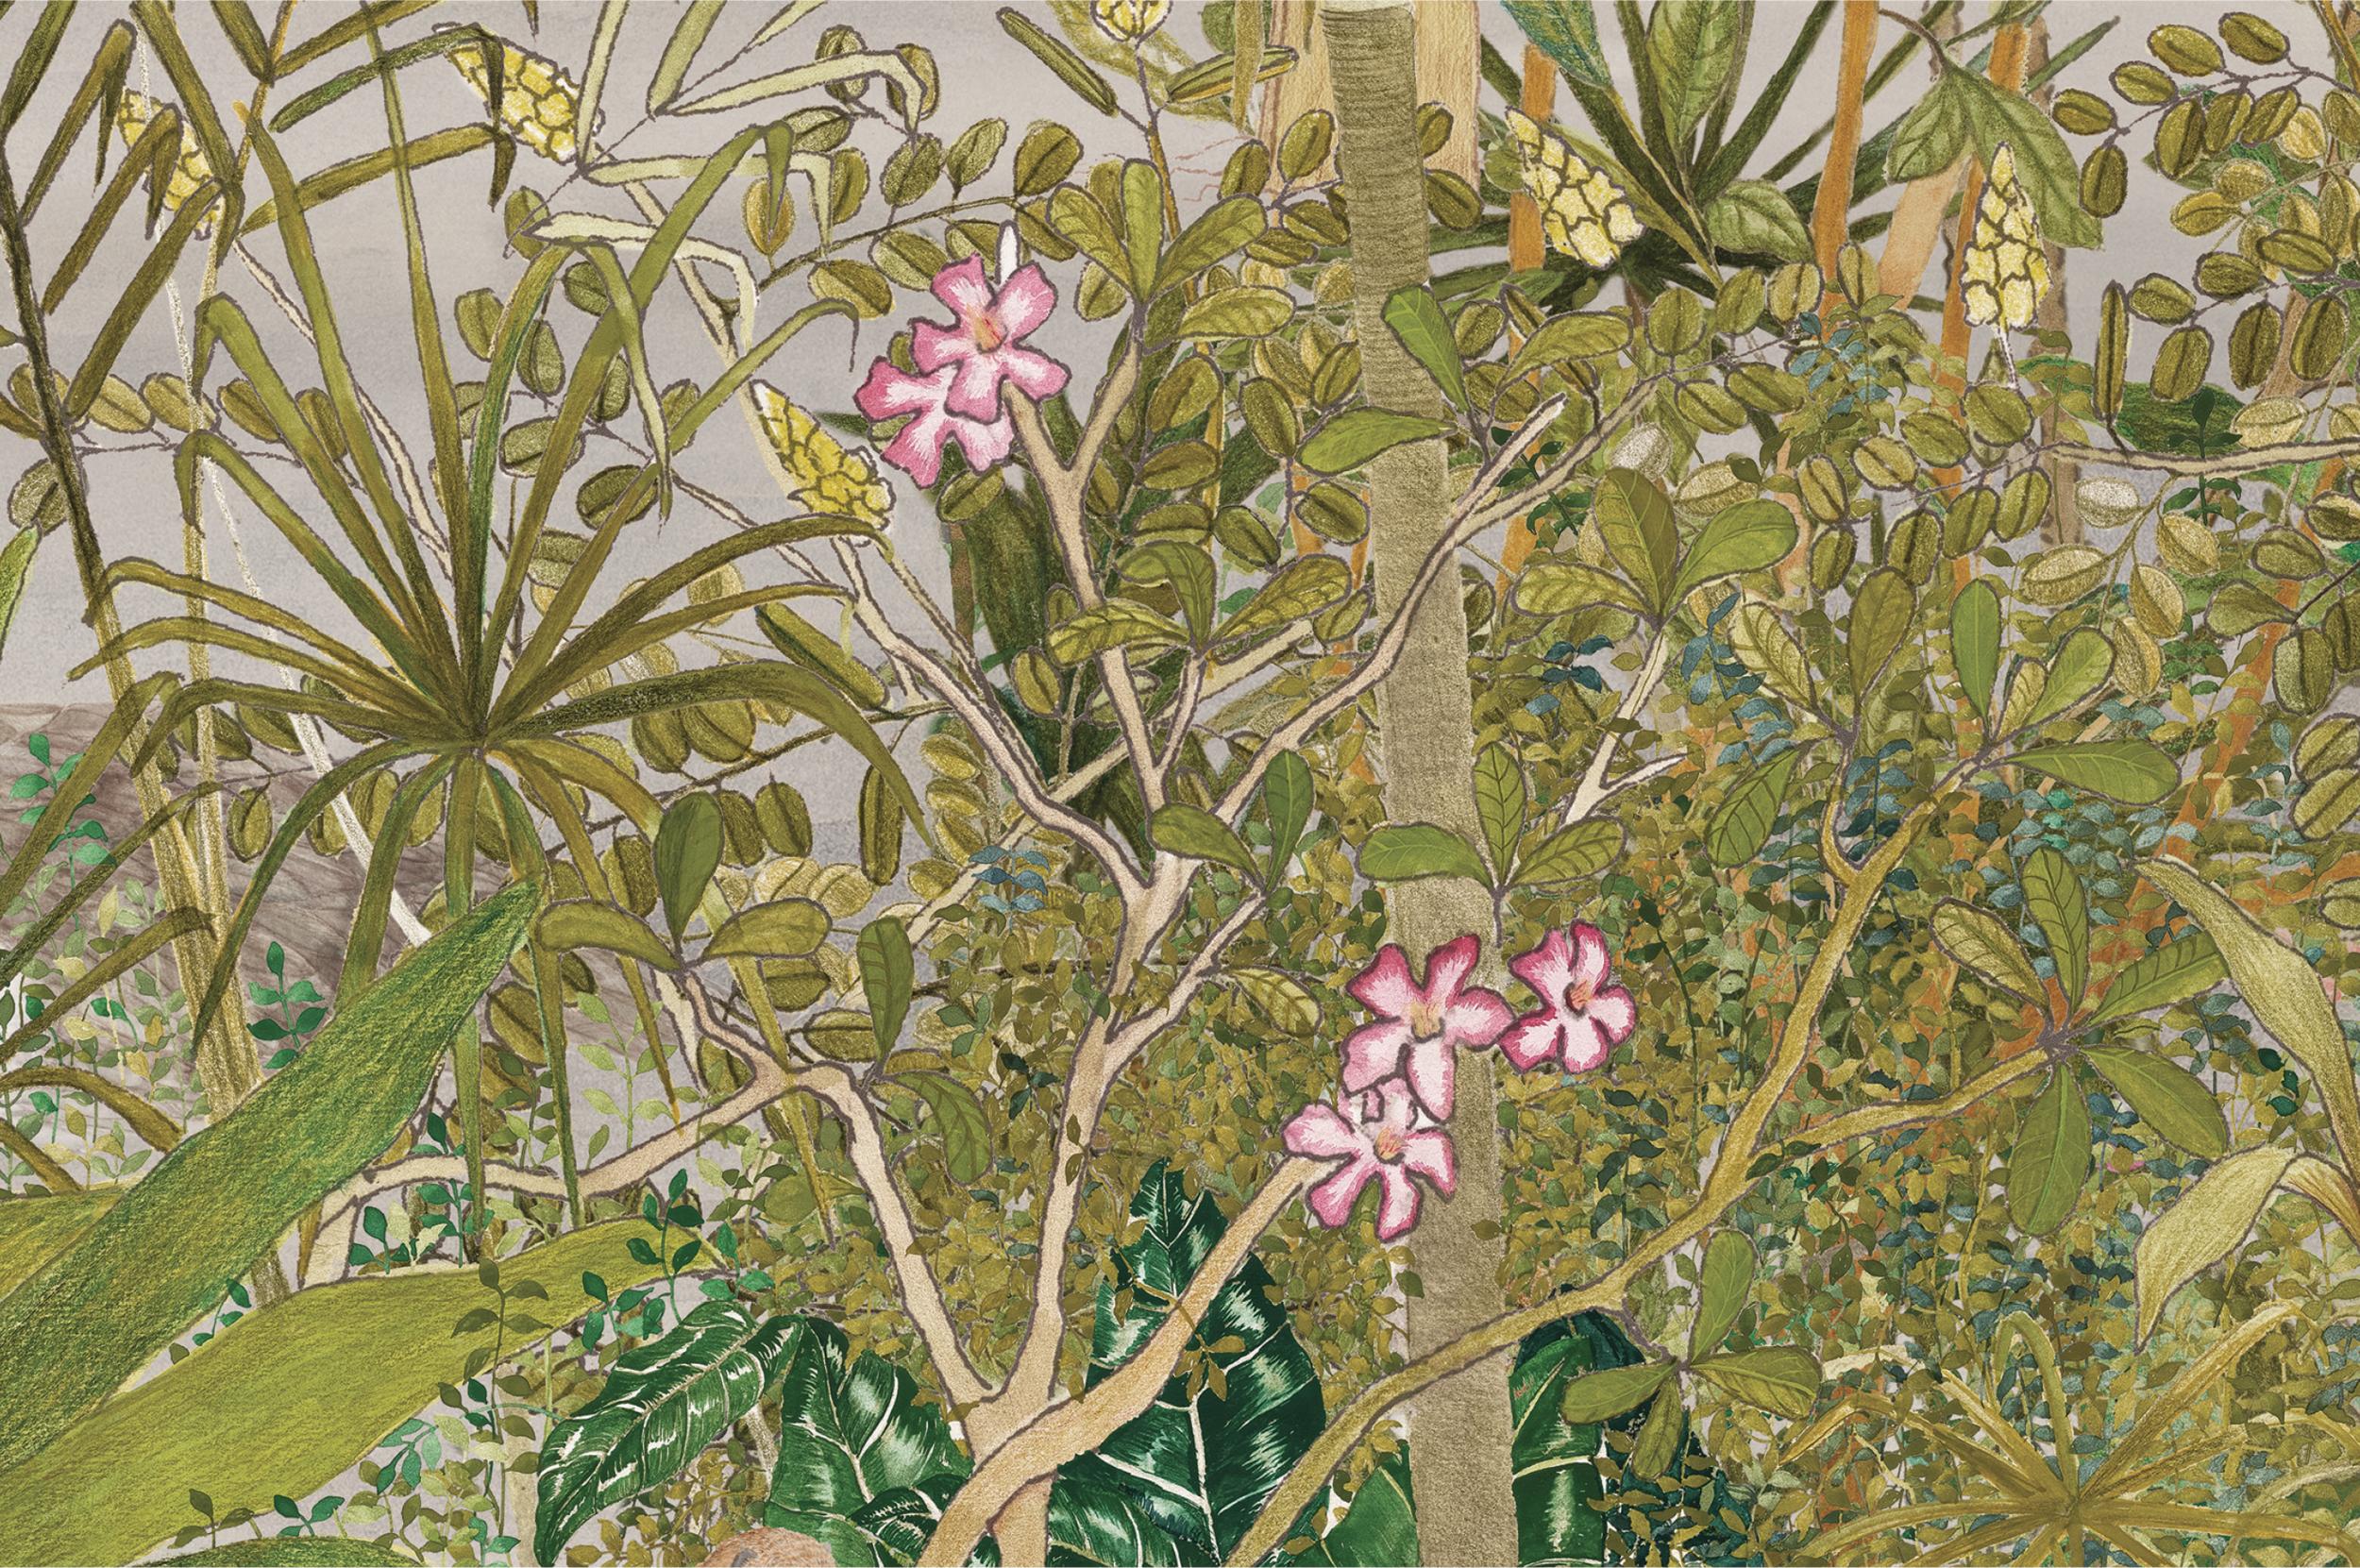 Wildgarden wallpaper_Flat_for WEBSITE26.png